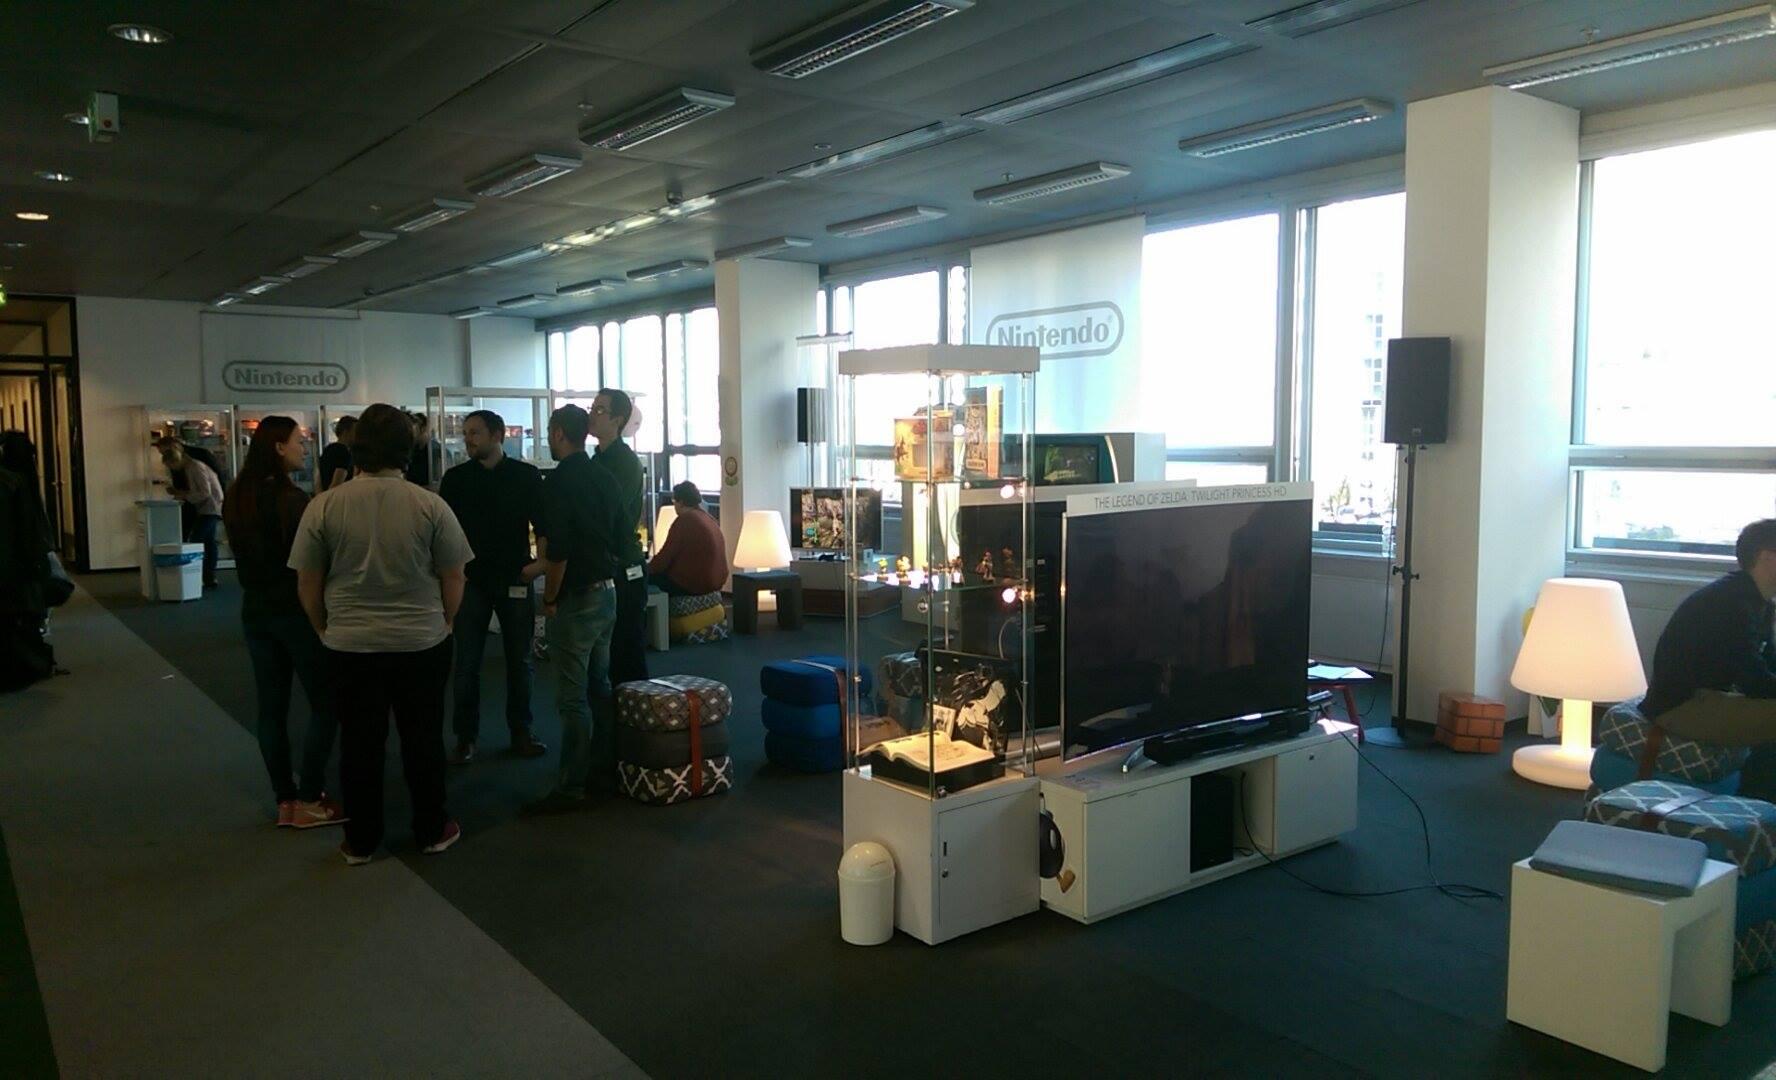 An den Fernsehern konnte man unter anderem Pokemon Tekken und Zelda anspielen.